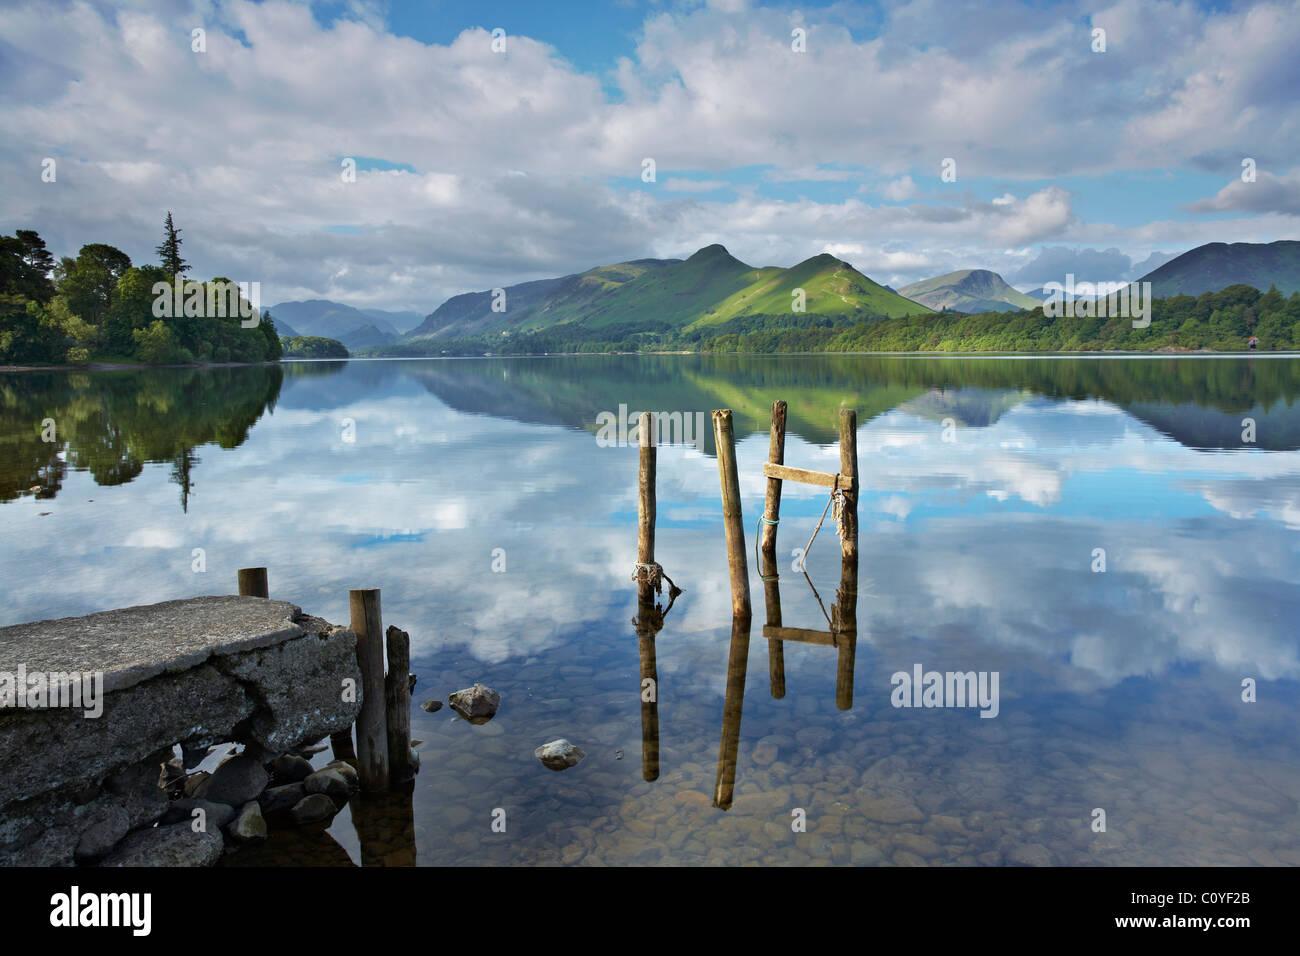 Derwent Water Jetty - Stock Image